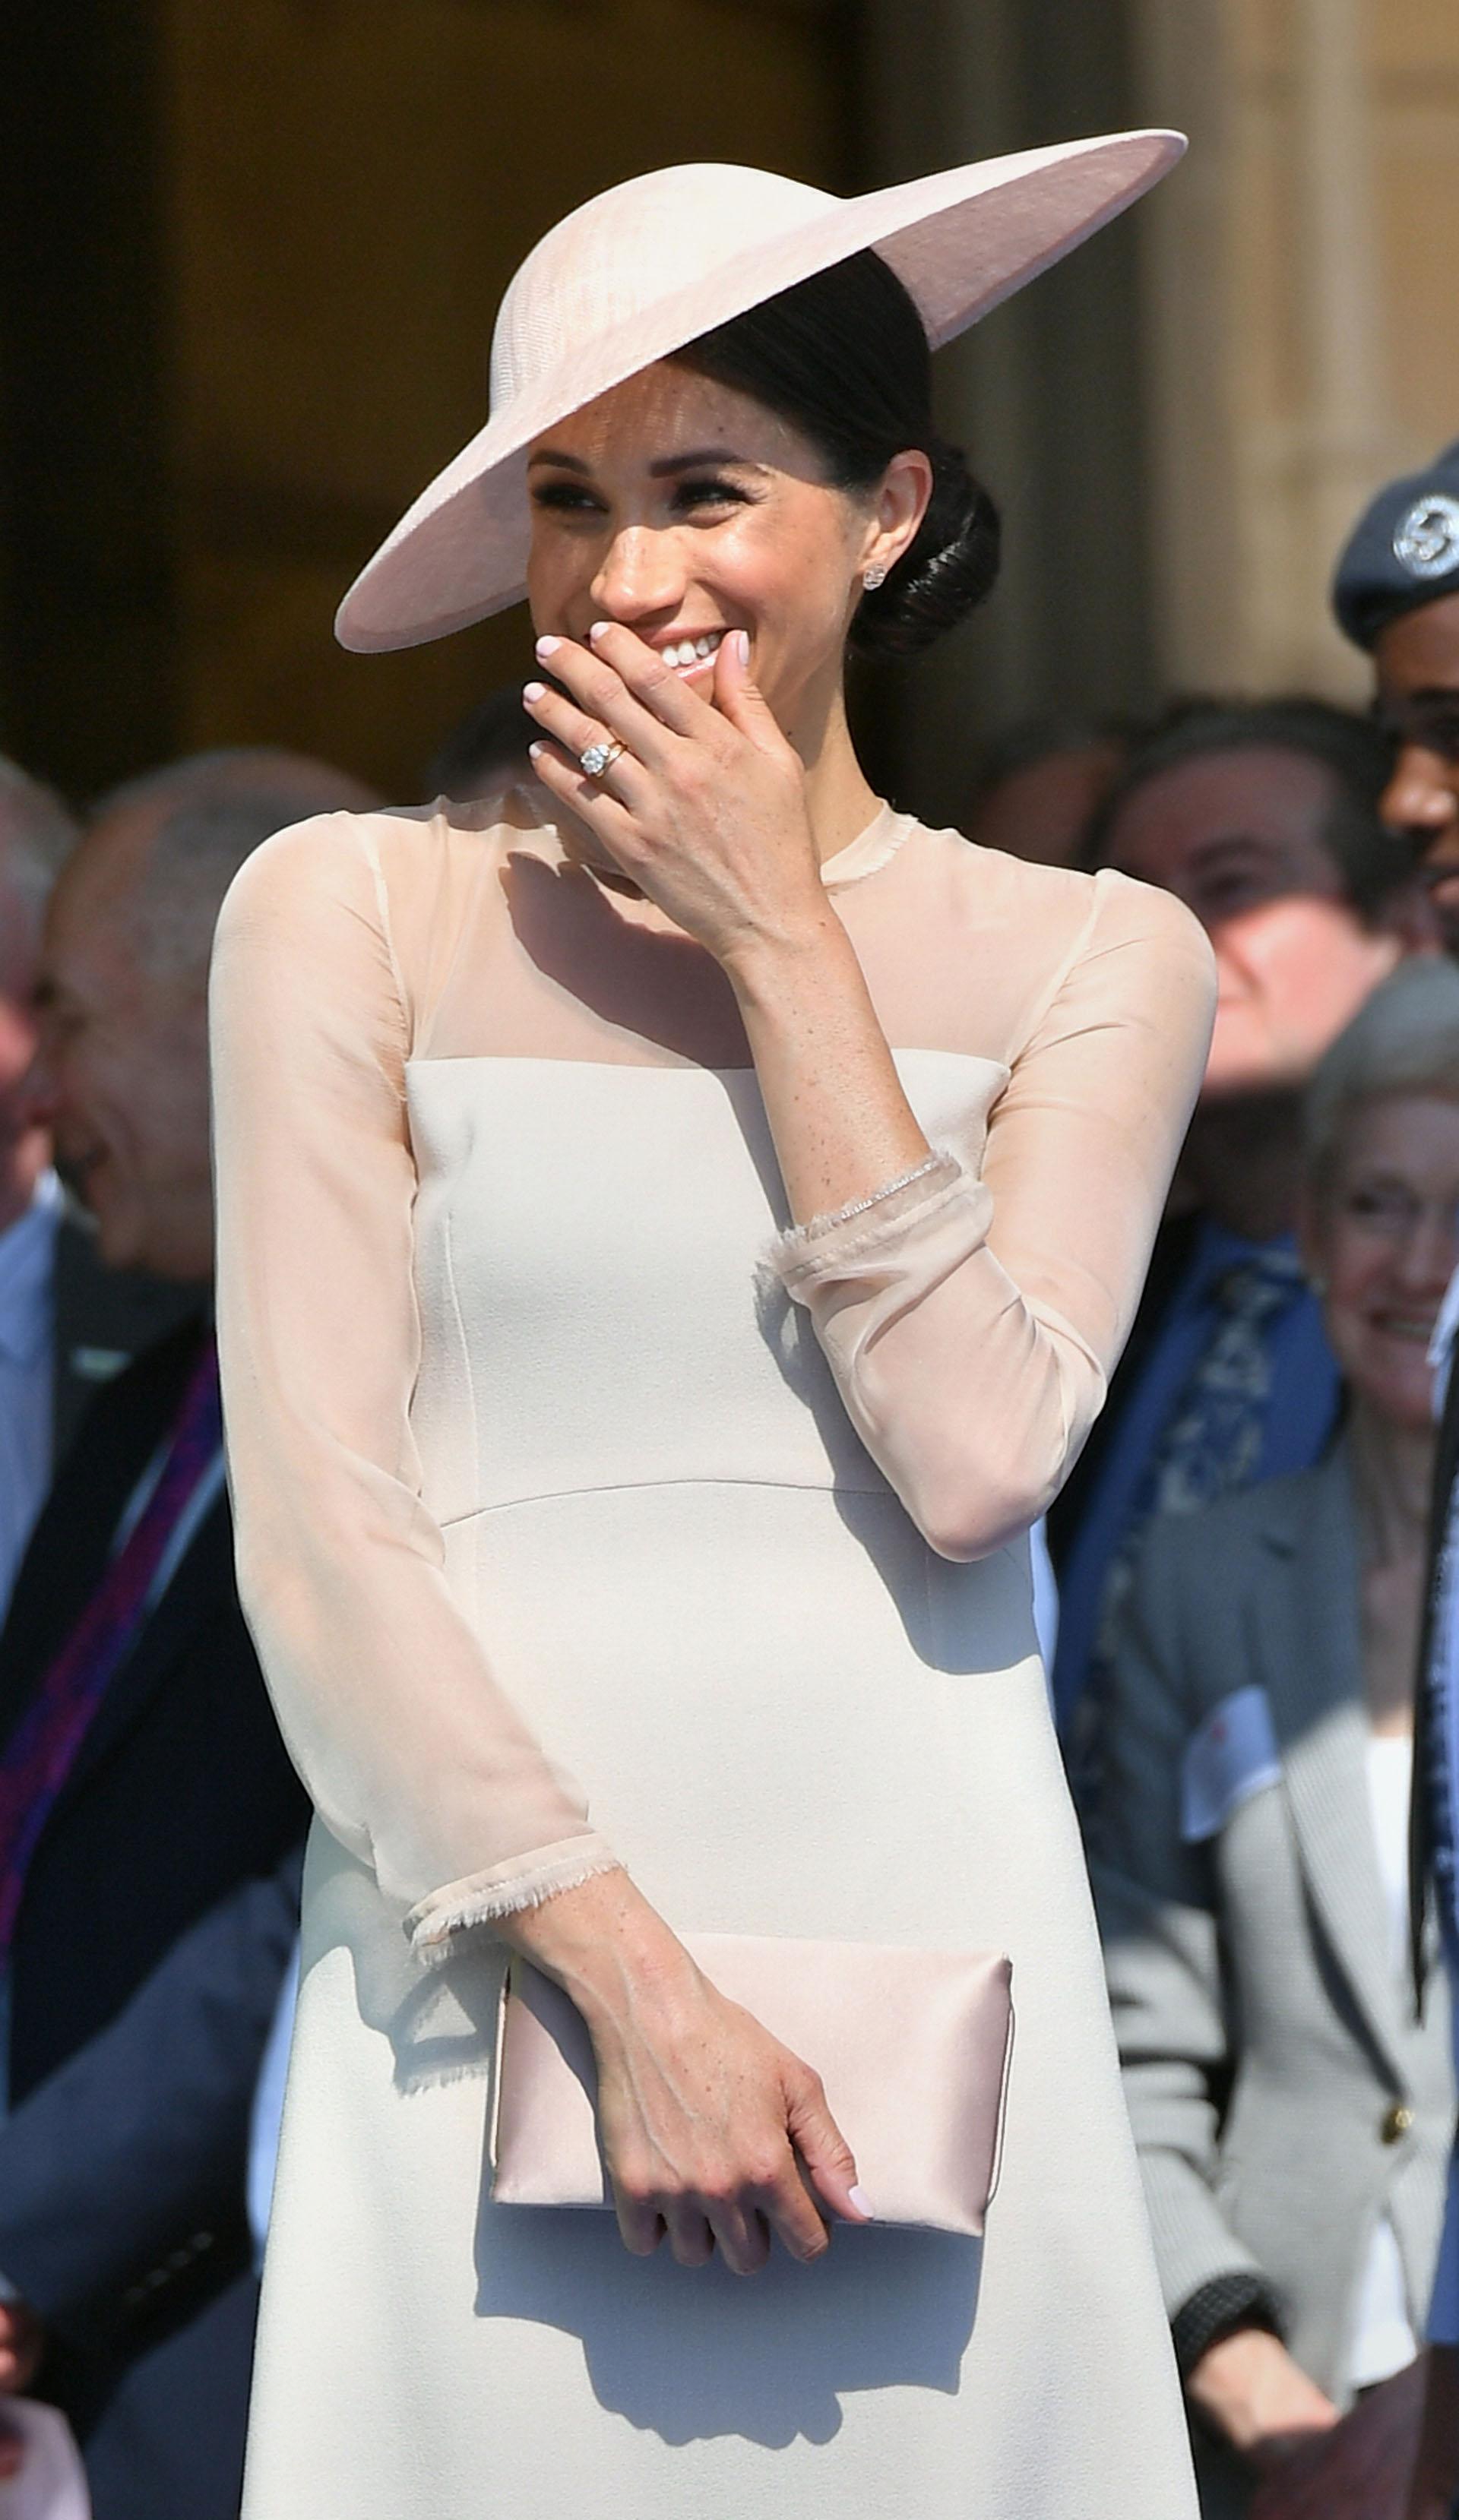 En su nuevo rol como Duquesa de Sussex, se adaptó a la etiqueta británica